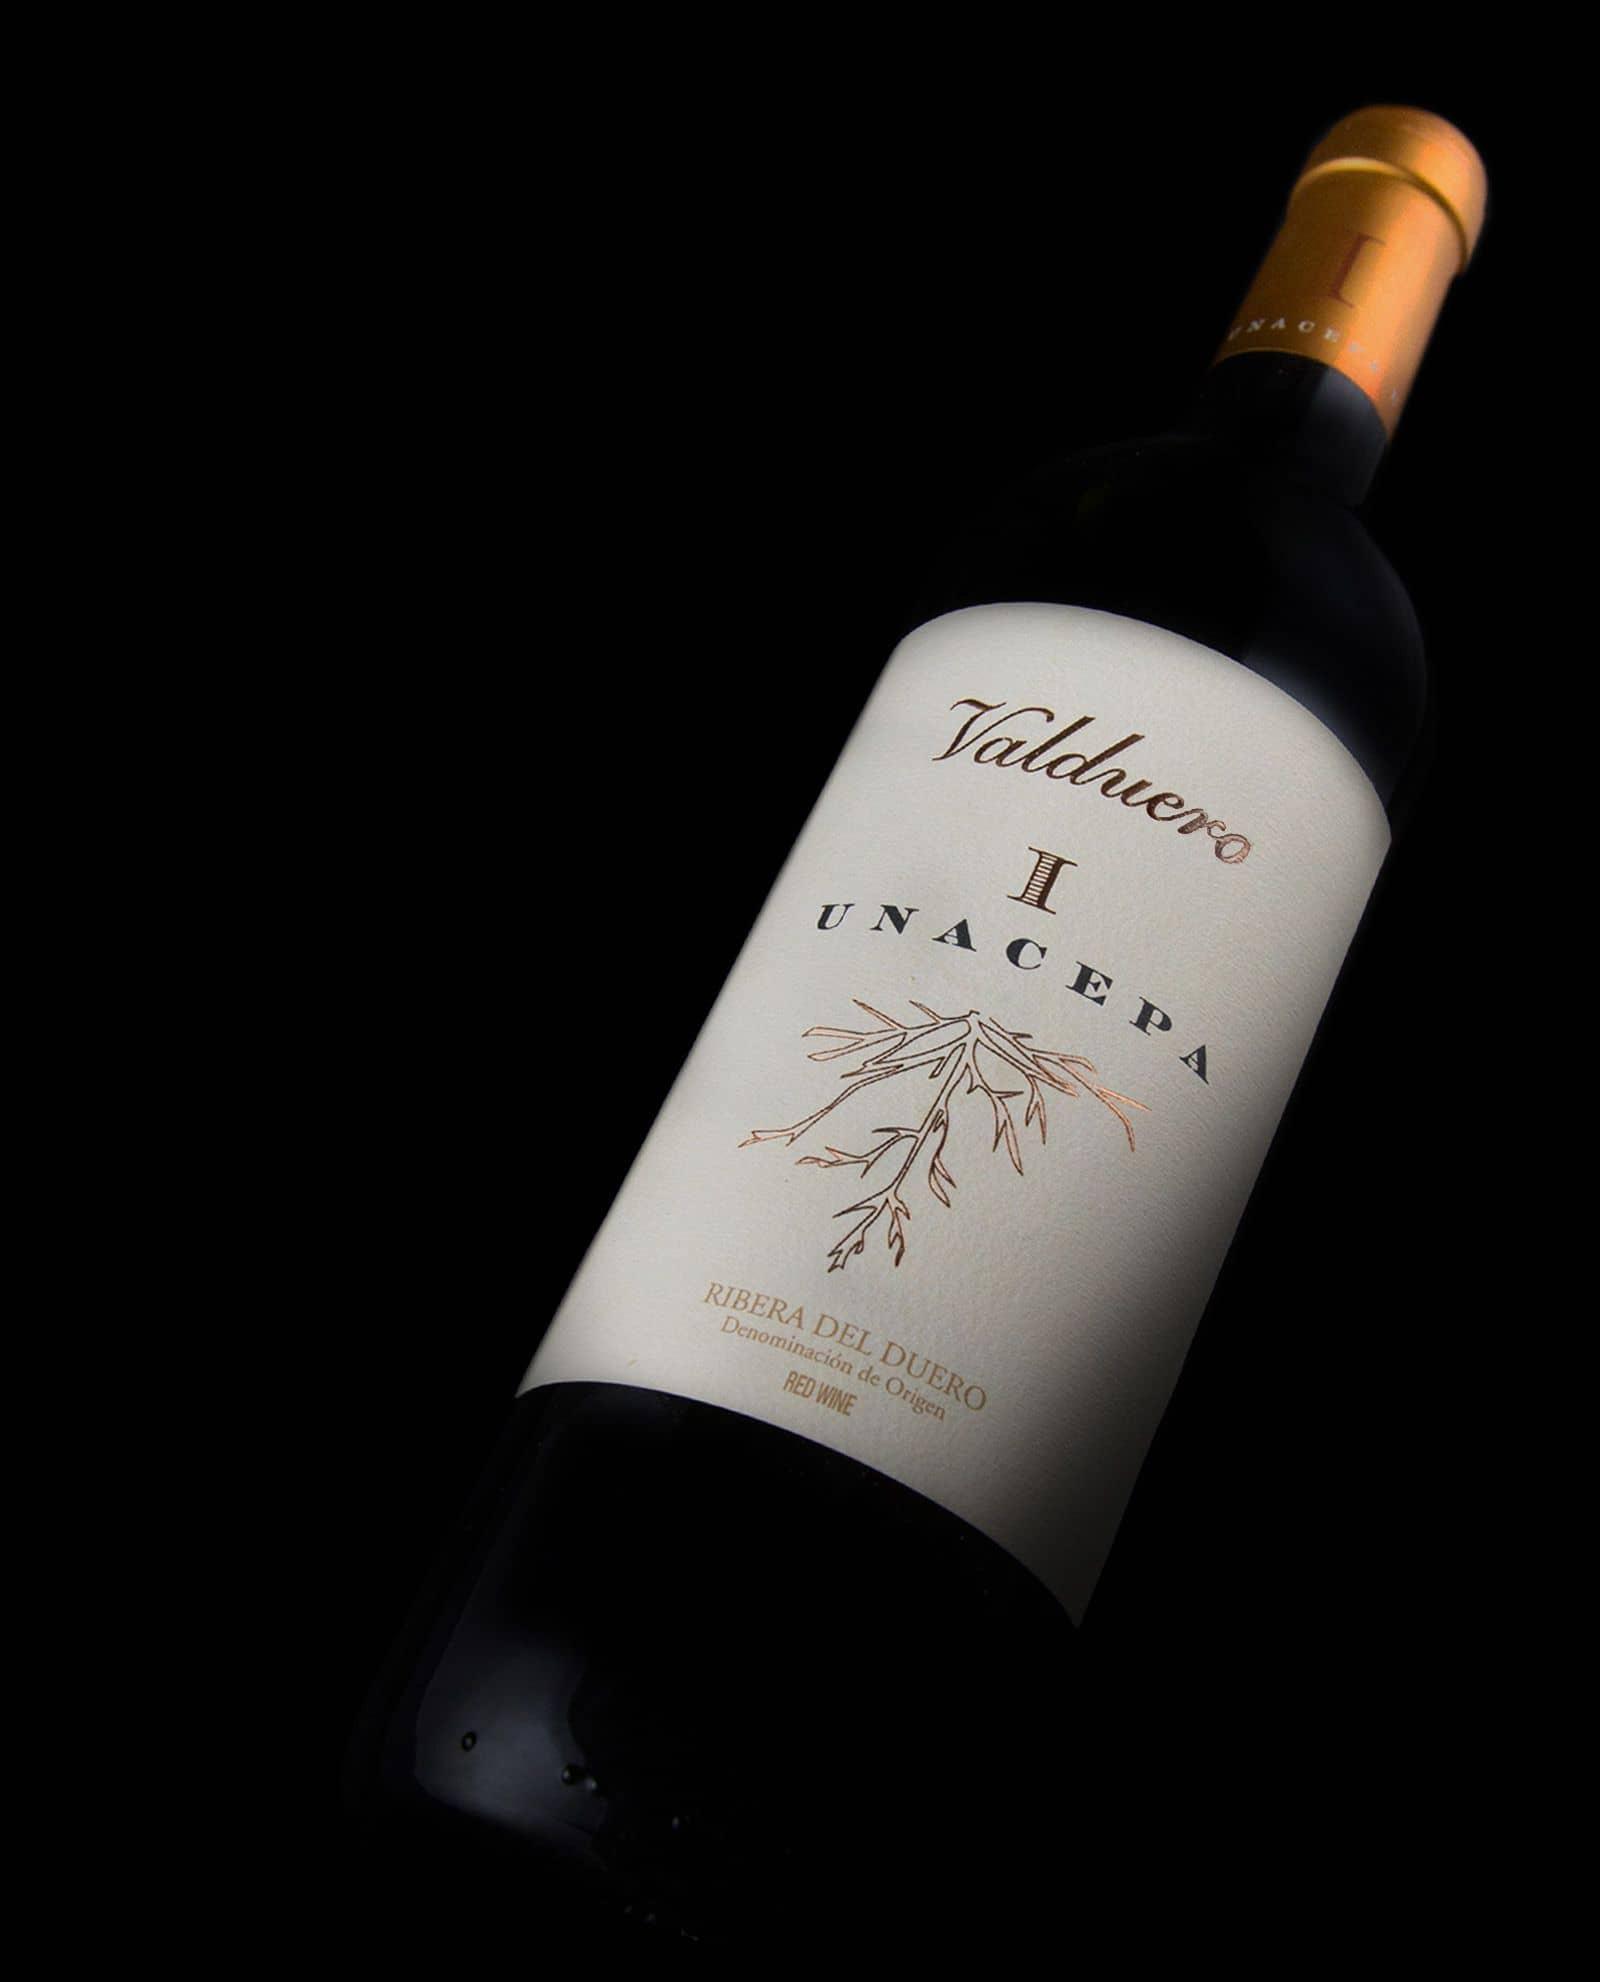 Botella Valduero una cepa, vino tinto de la Ribera del Duero